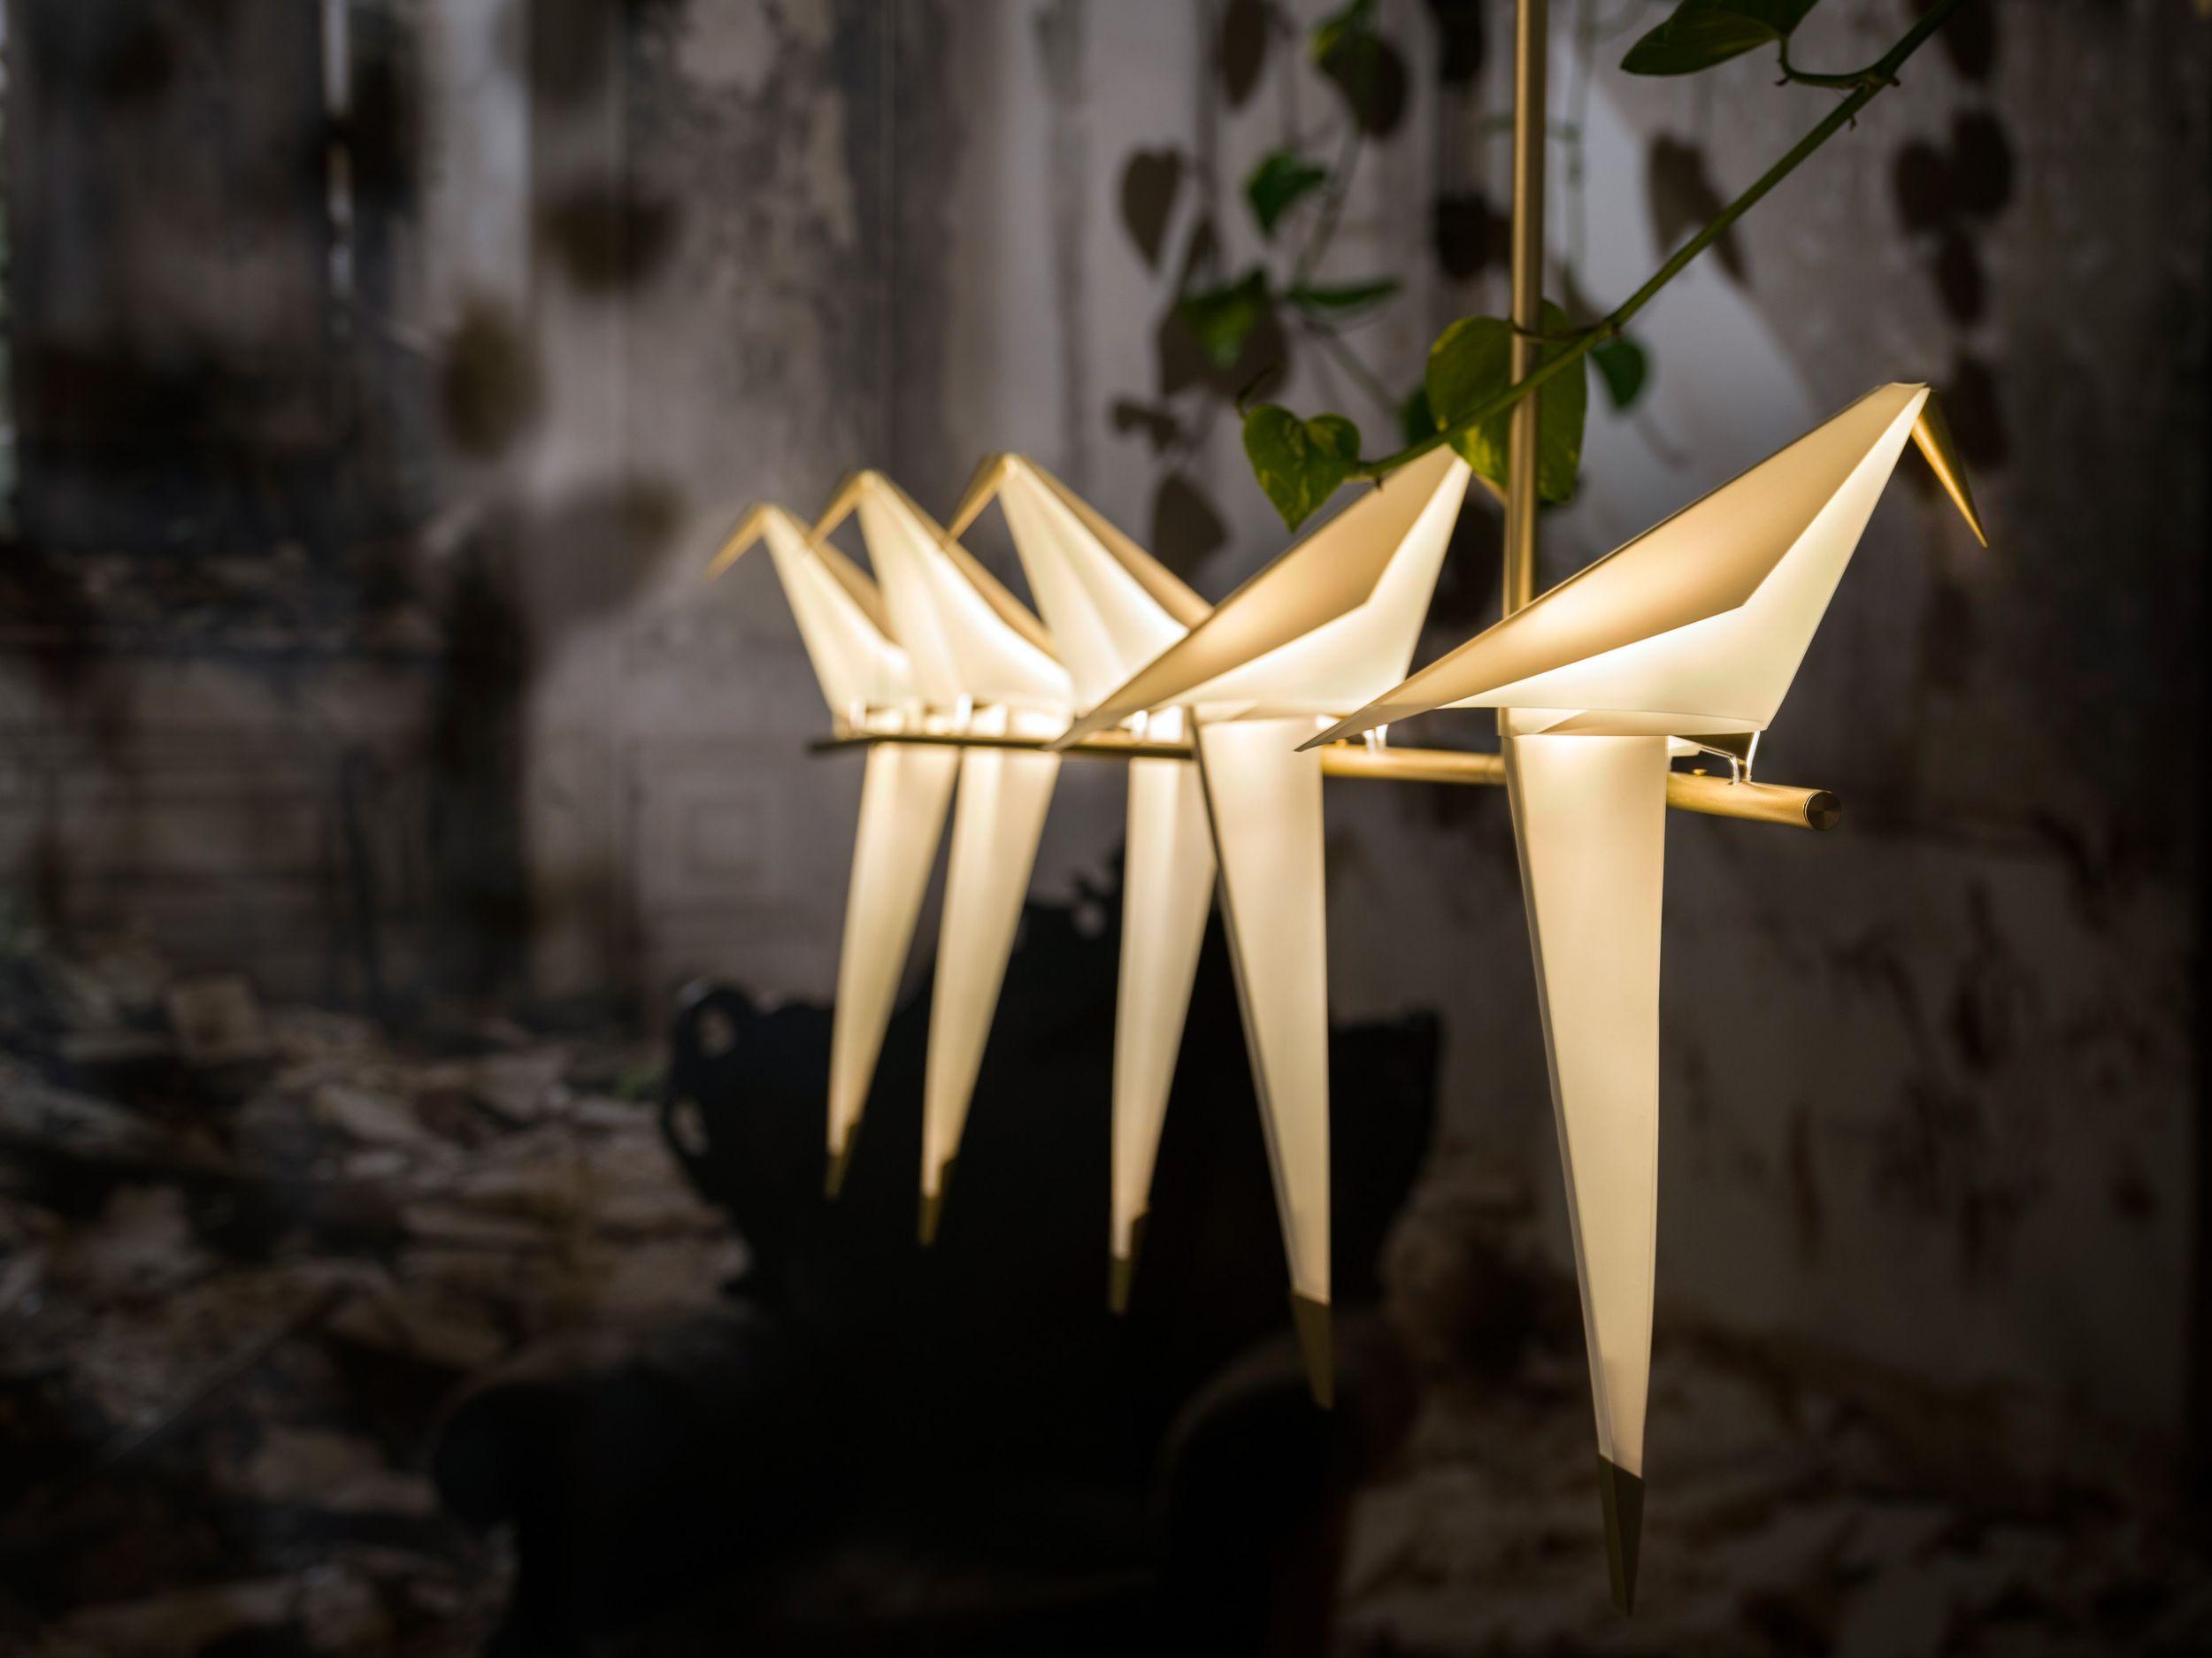 Le lampade di design a forma di uccellino